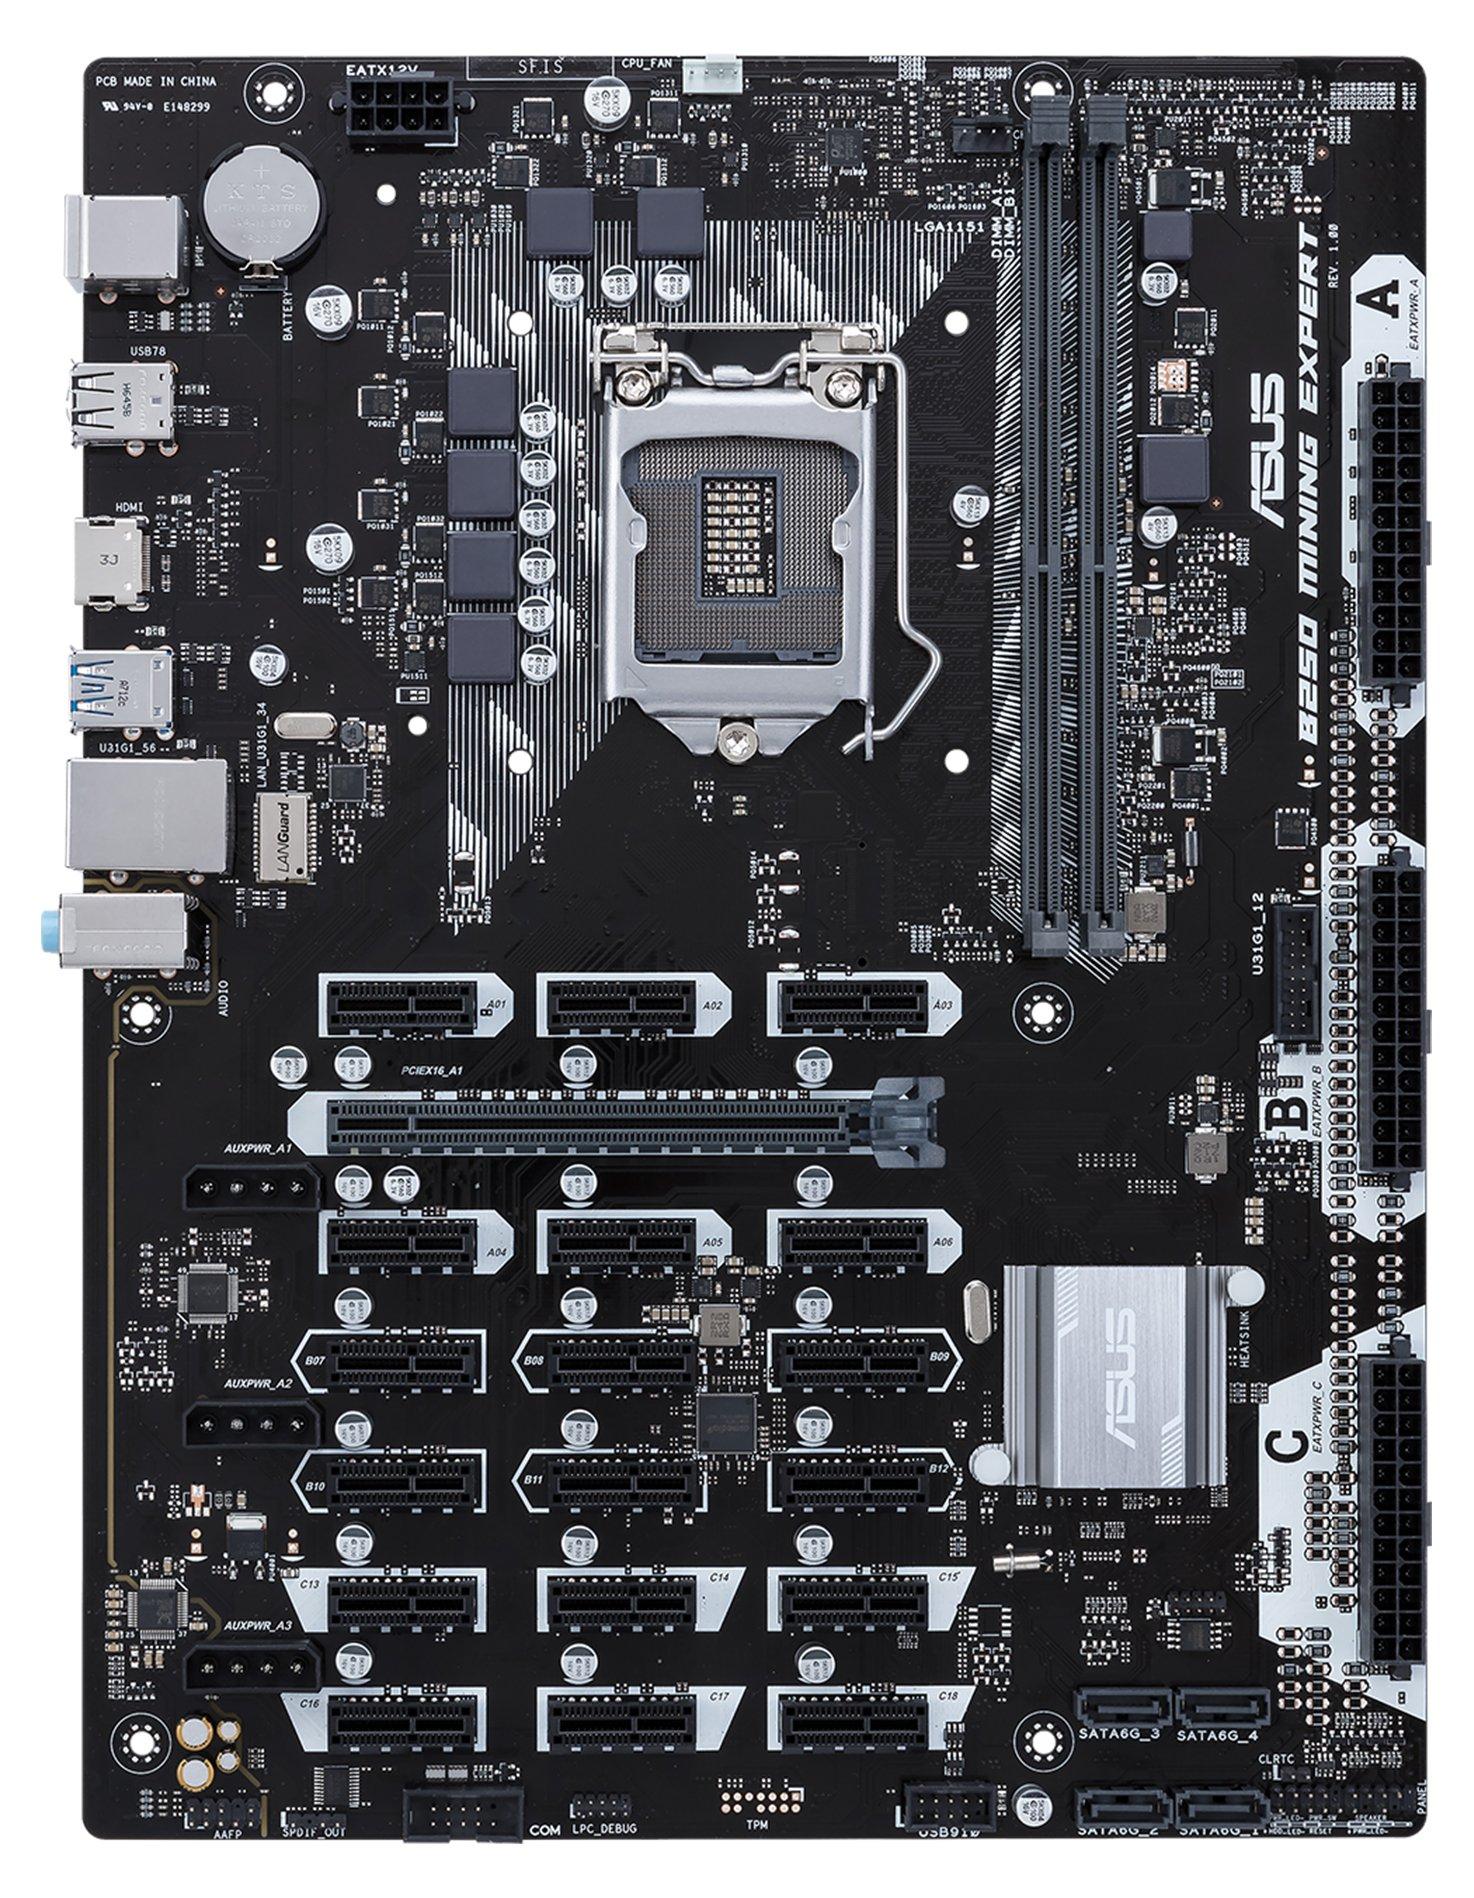 Intel B250 搭載 マザーボード LGA1151対応 B250 MINING EXPERT 【ATX】